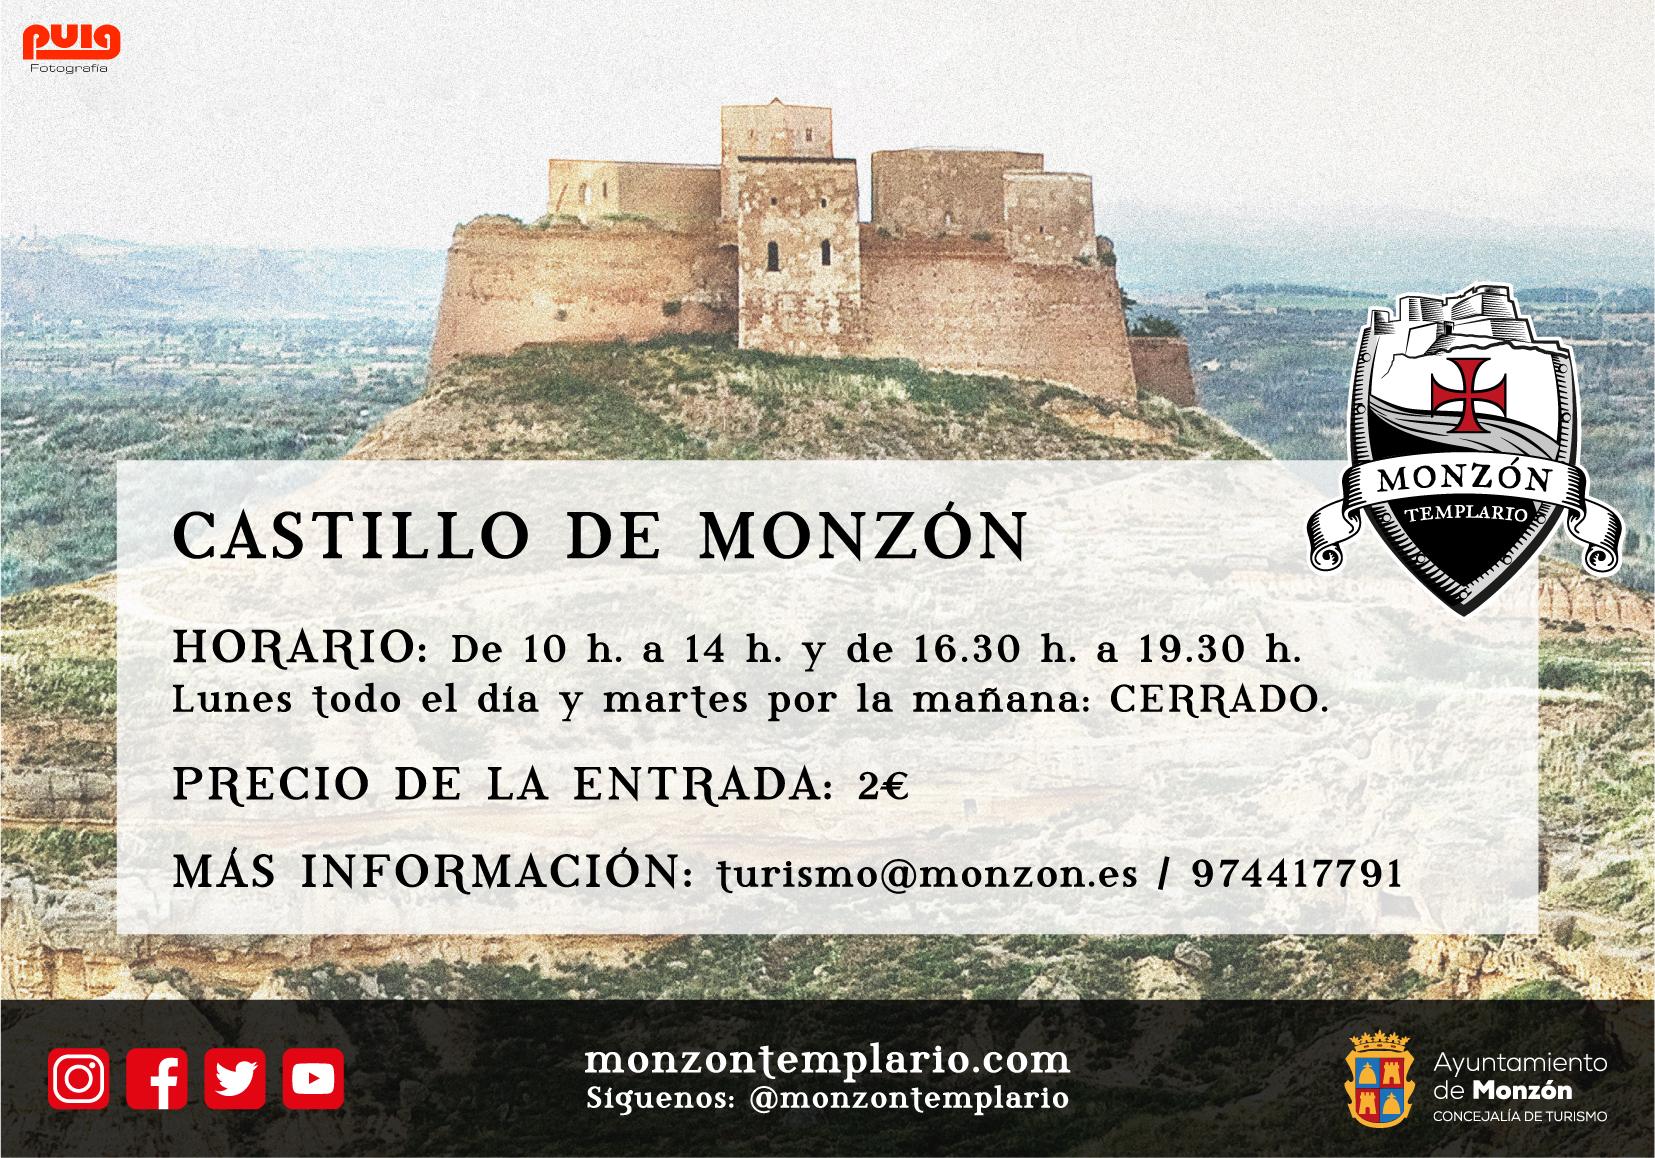 Castillo de Monzón